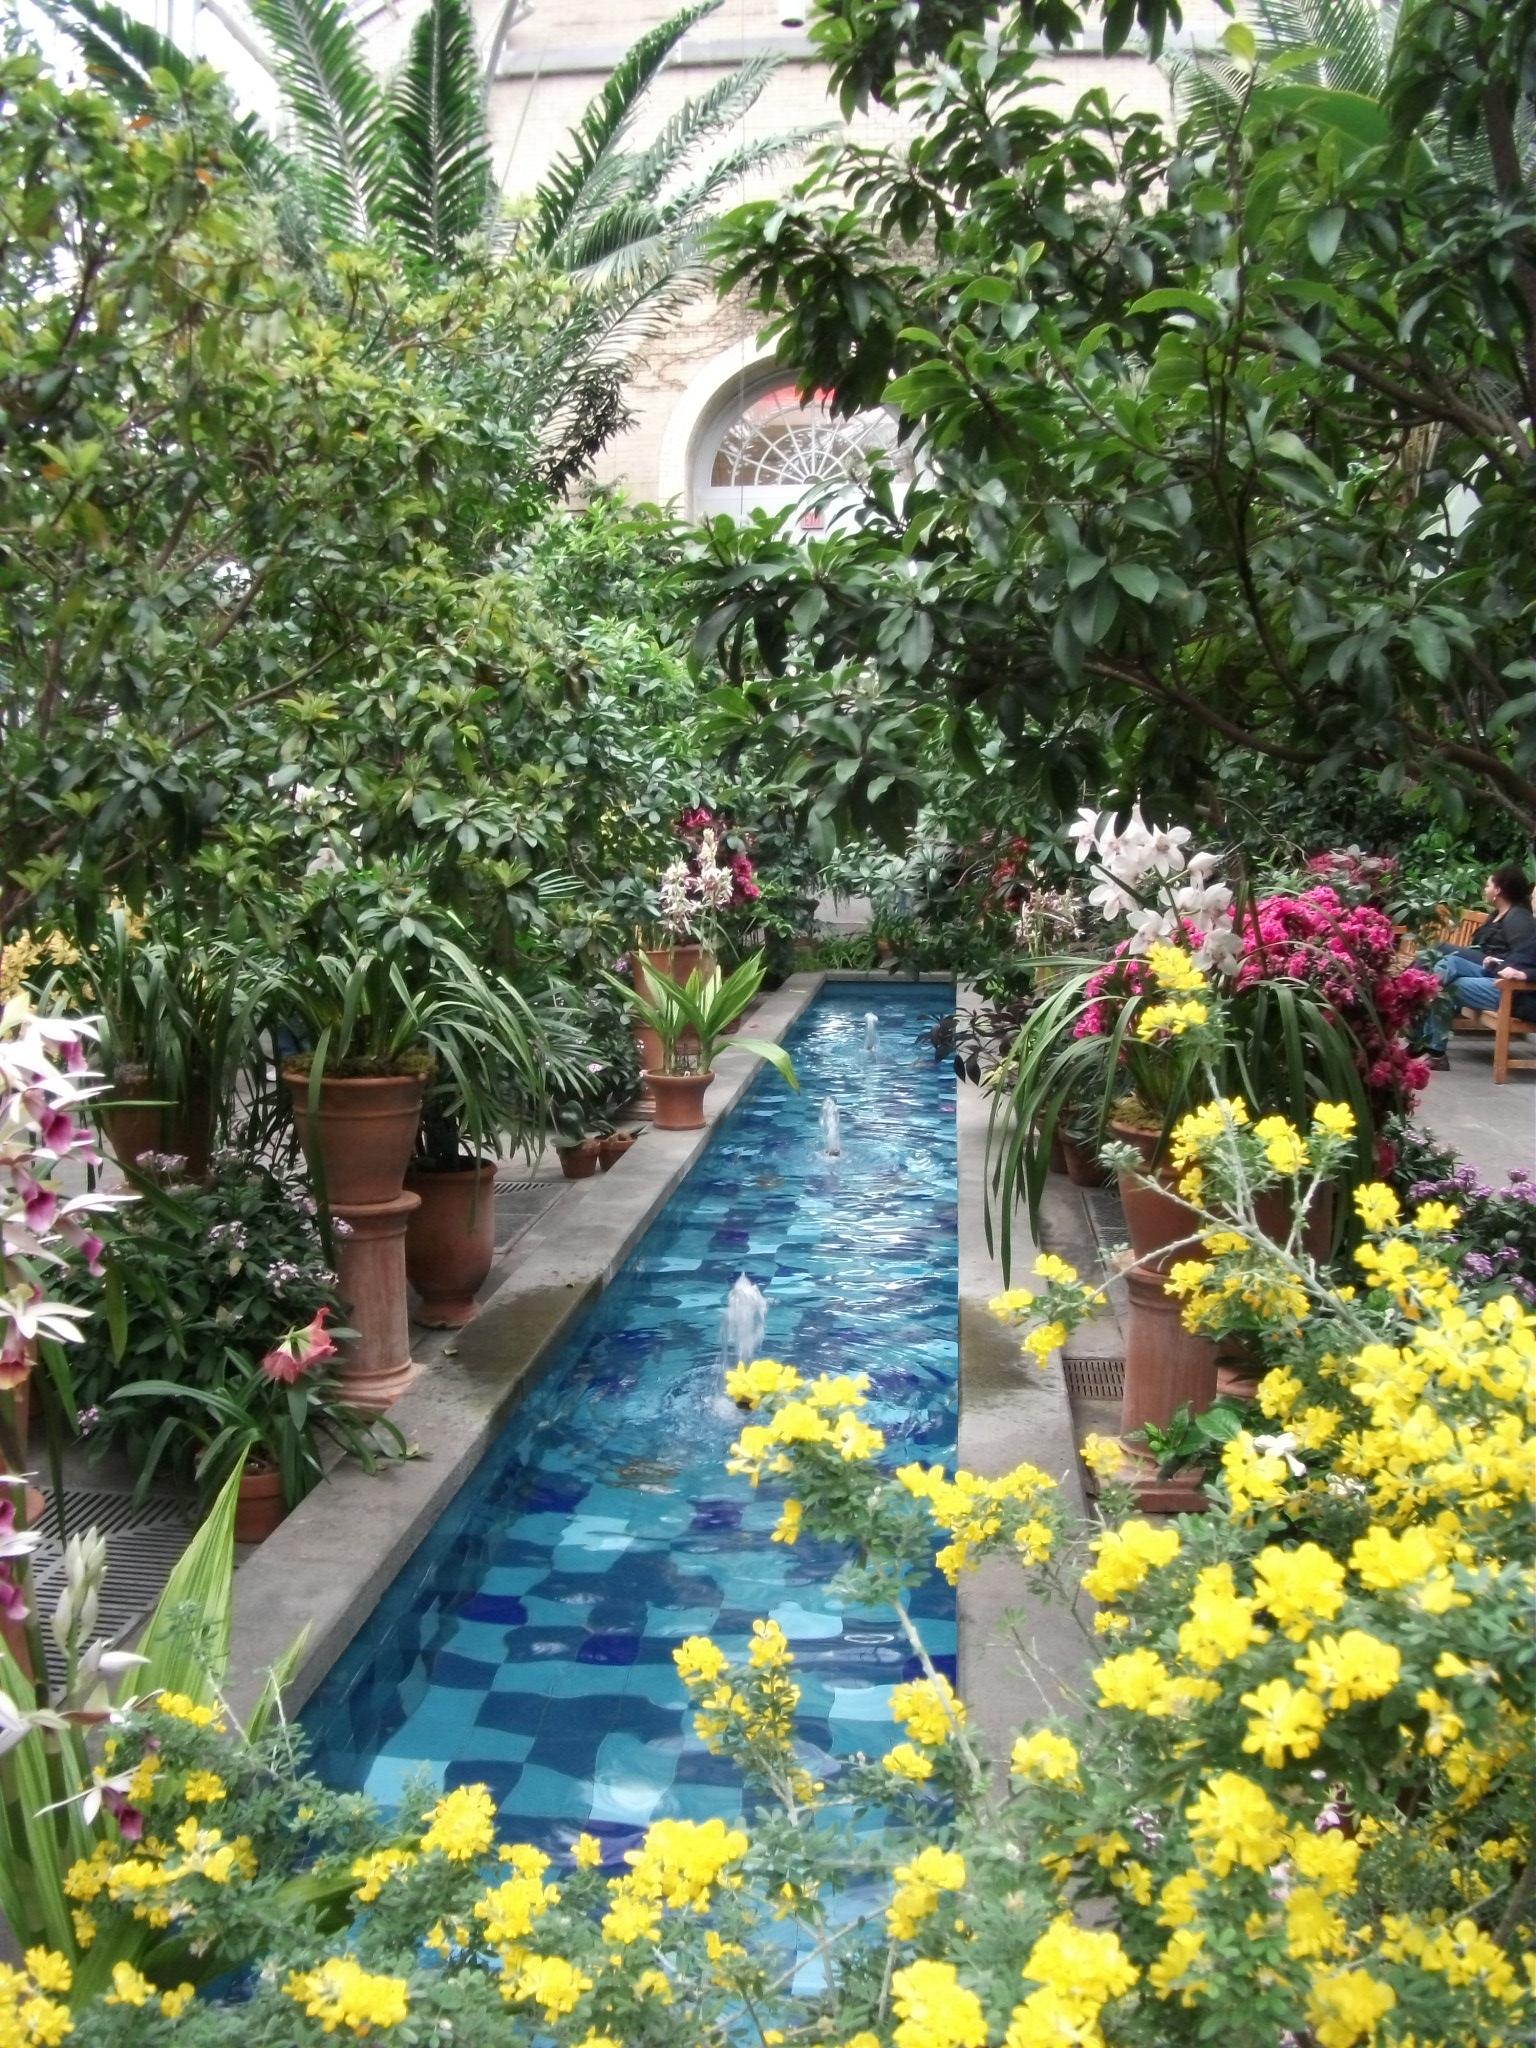 file:united states botanical gardens - washington, d.c.